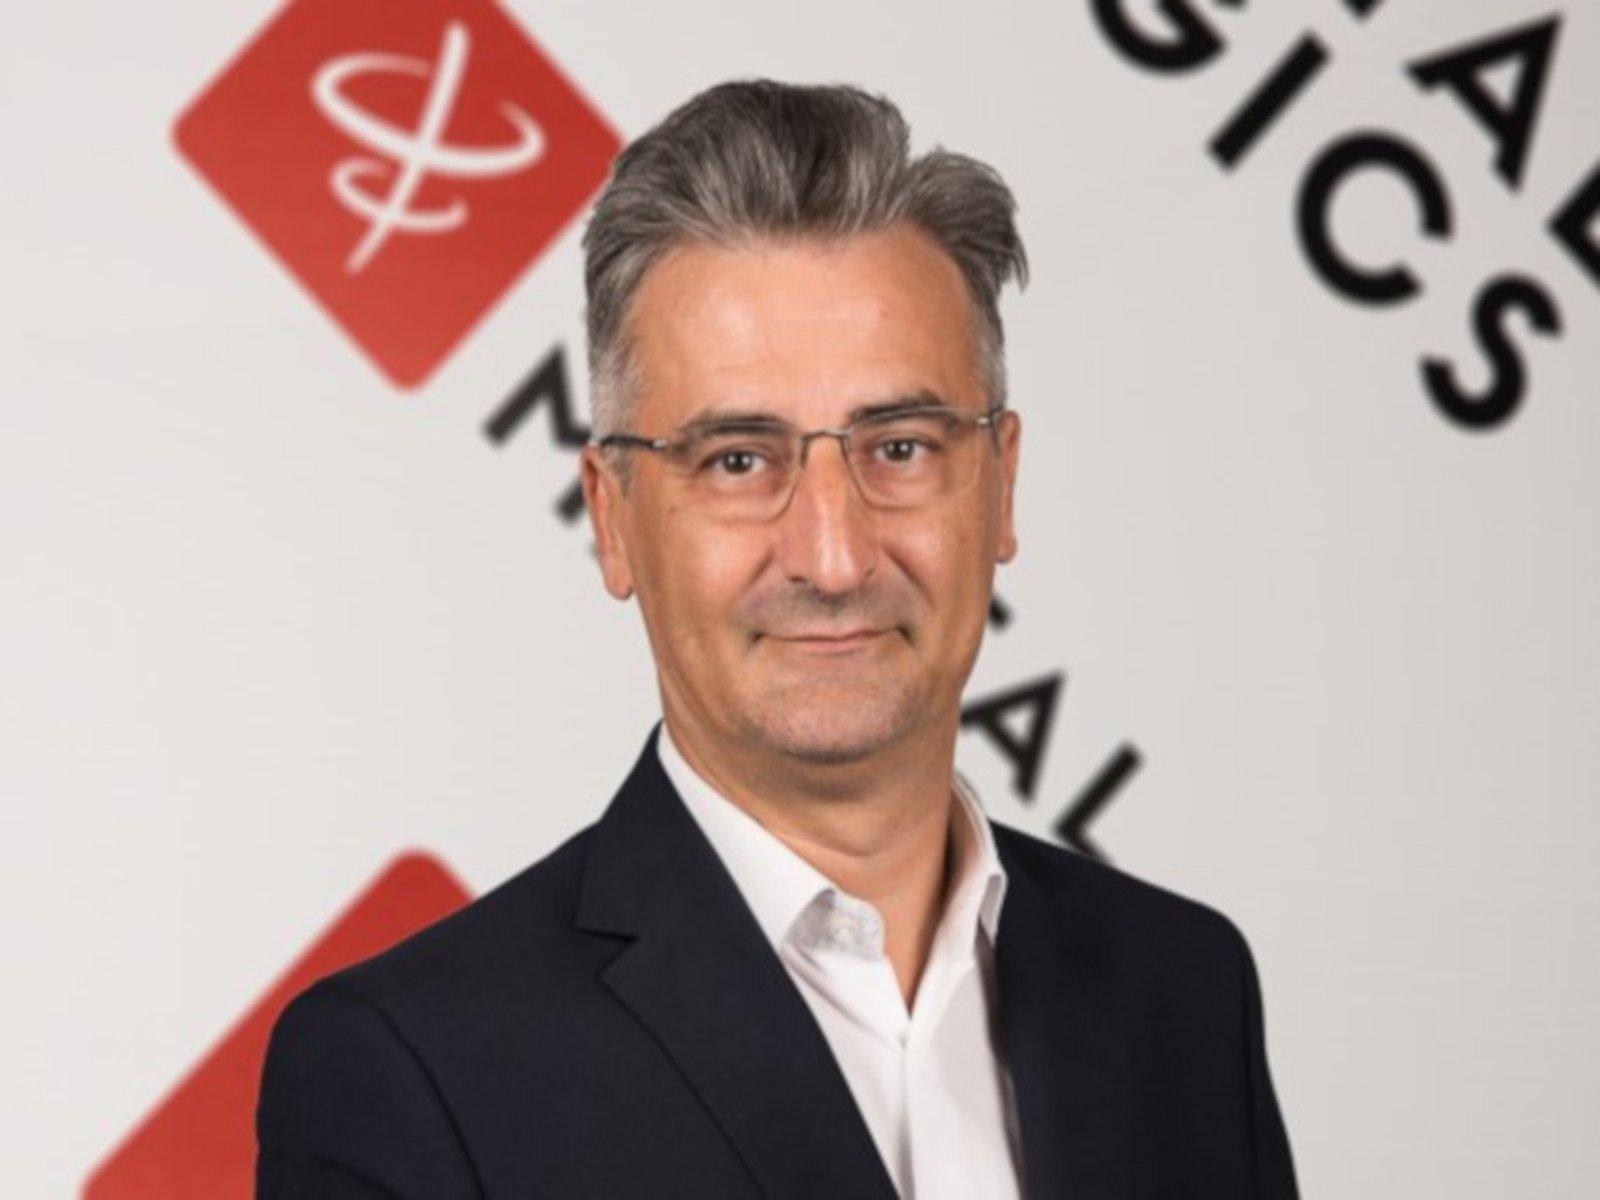 Gabriele Ronchini, fondatore e amministratore delegato di Digital Magics